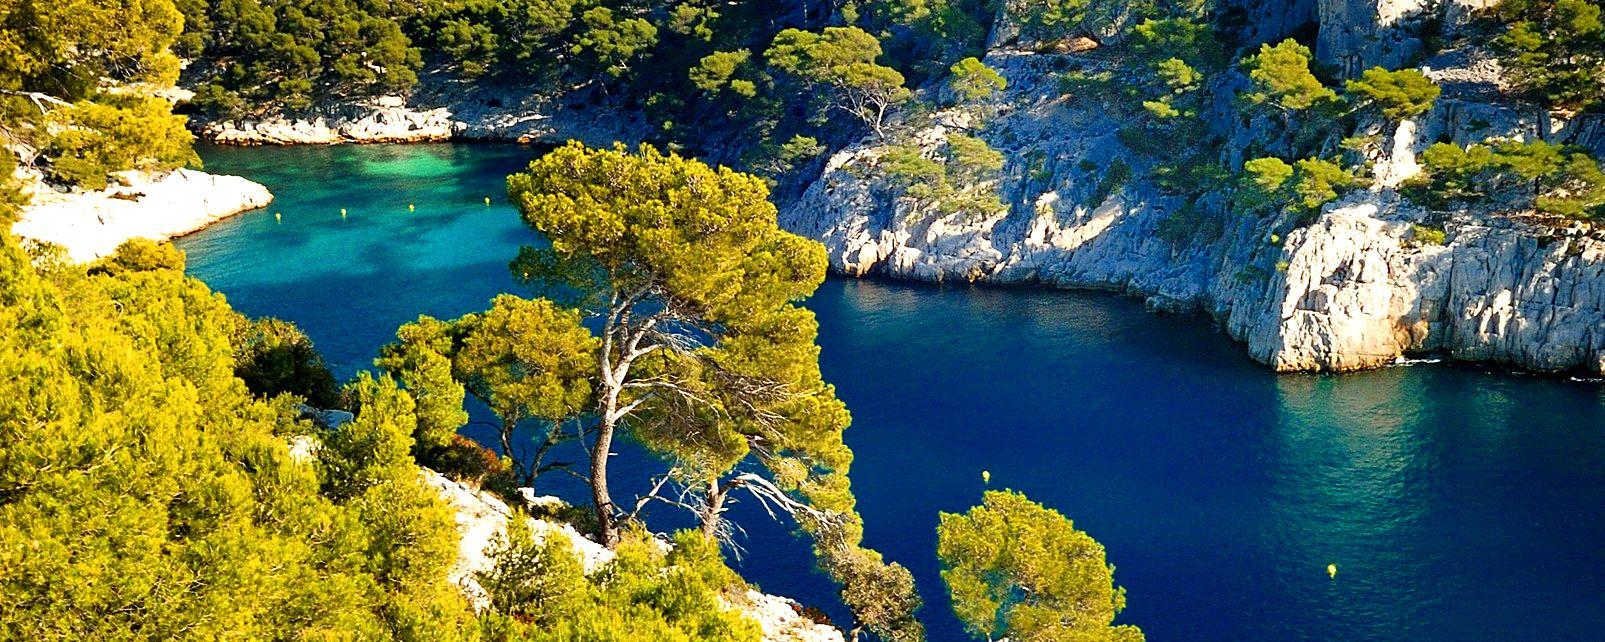 La faune et la flore, Cassis Marseille Provence Alpes Côte d'Azur France Europe Calanque Port-Pin verdure montagne mer